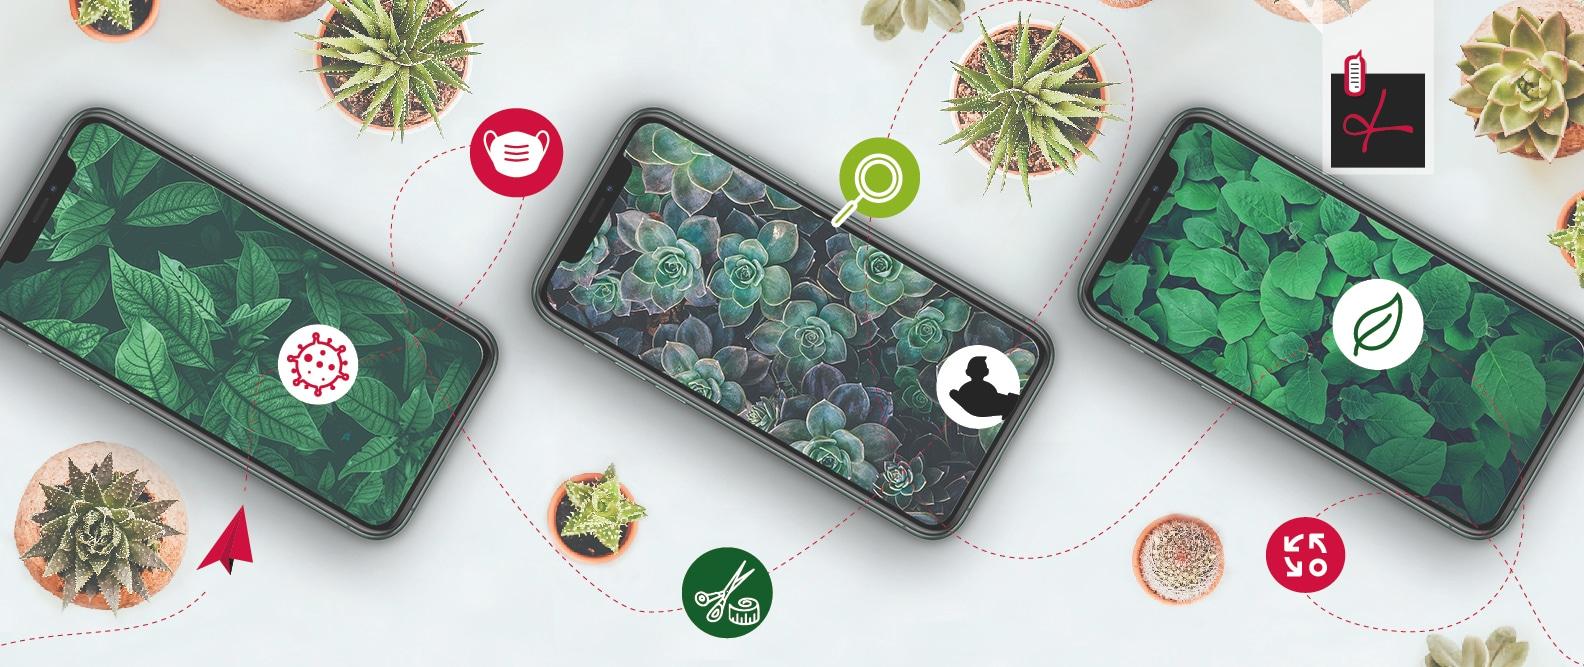 Personalizzazione e sostenibilità: la comunicazione riparte